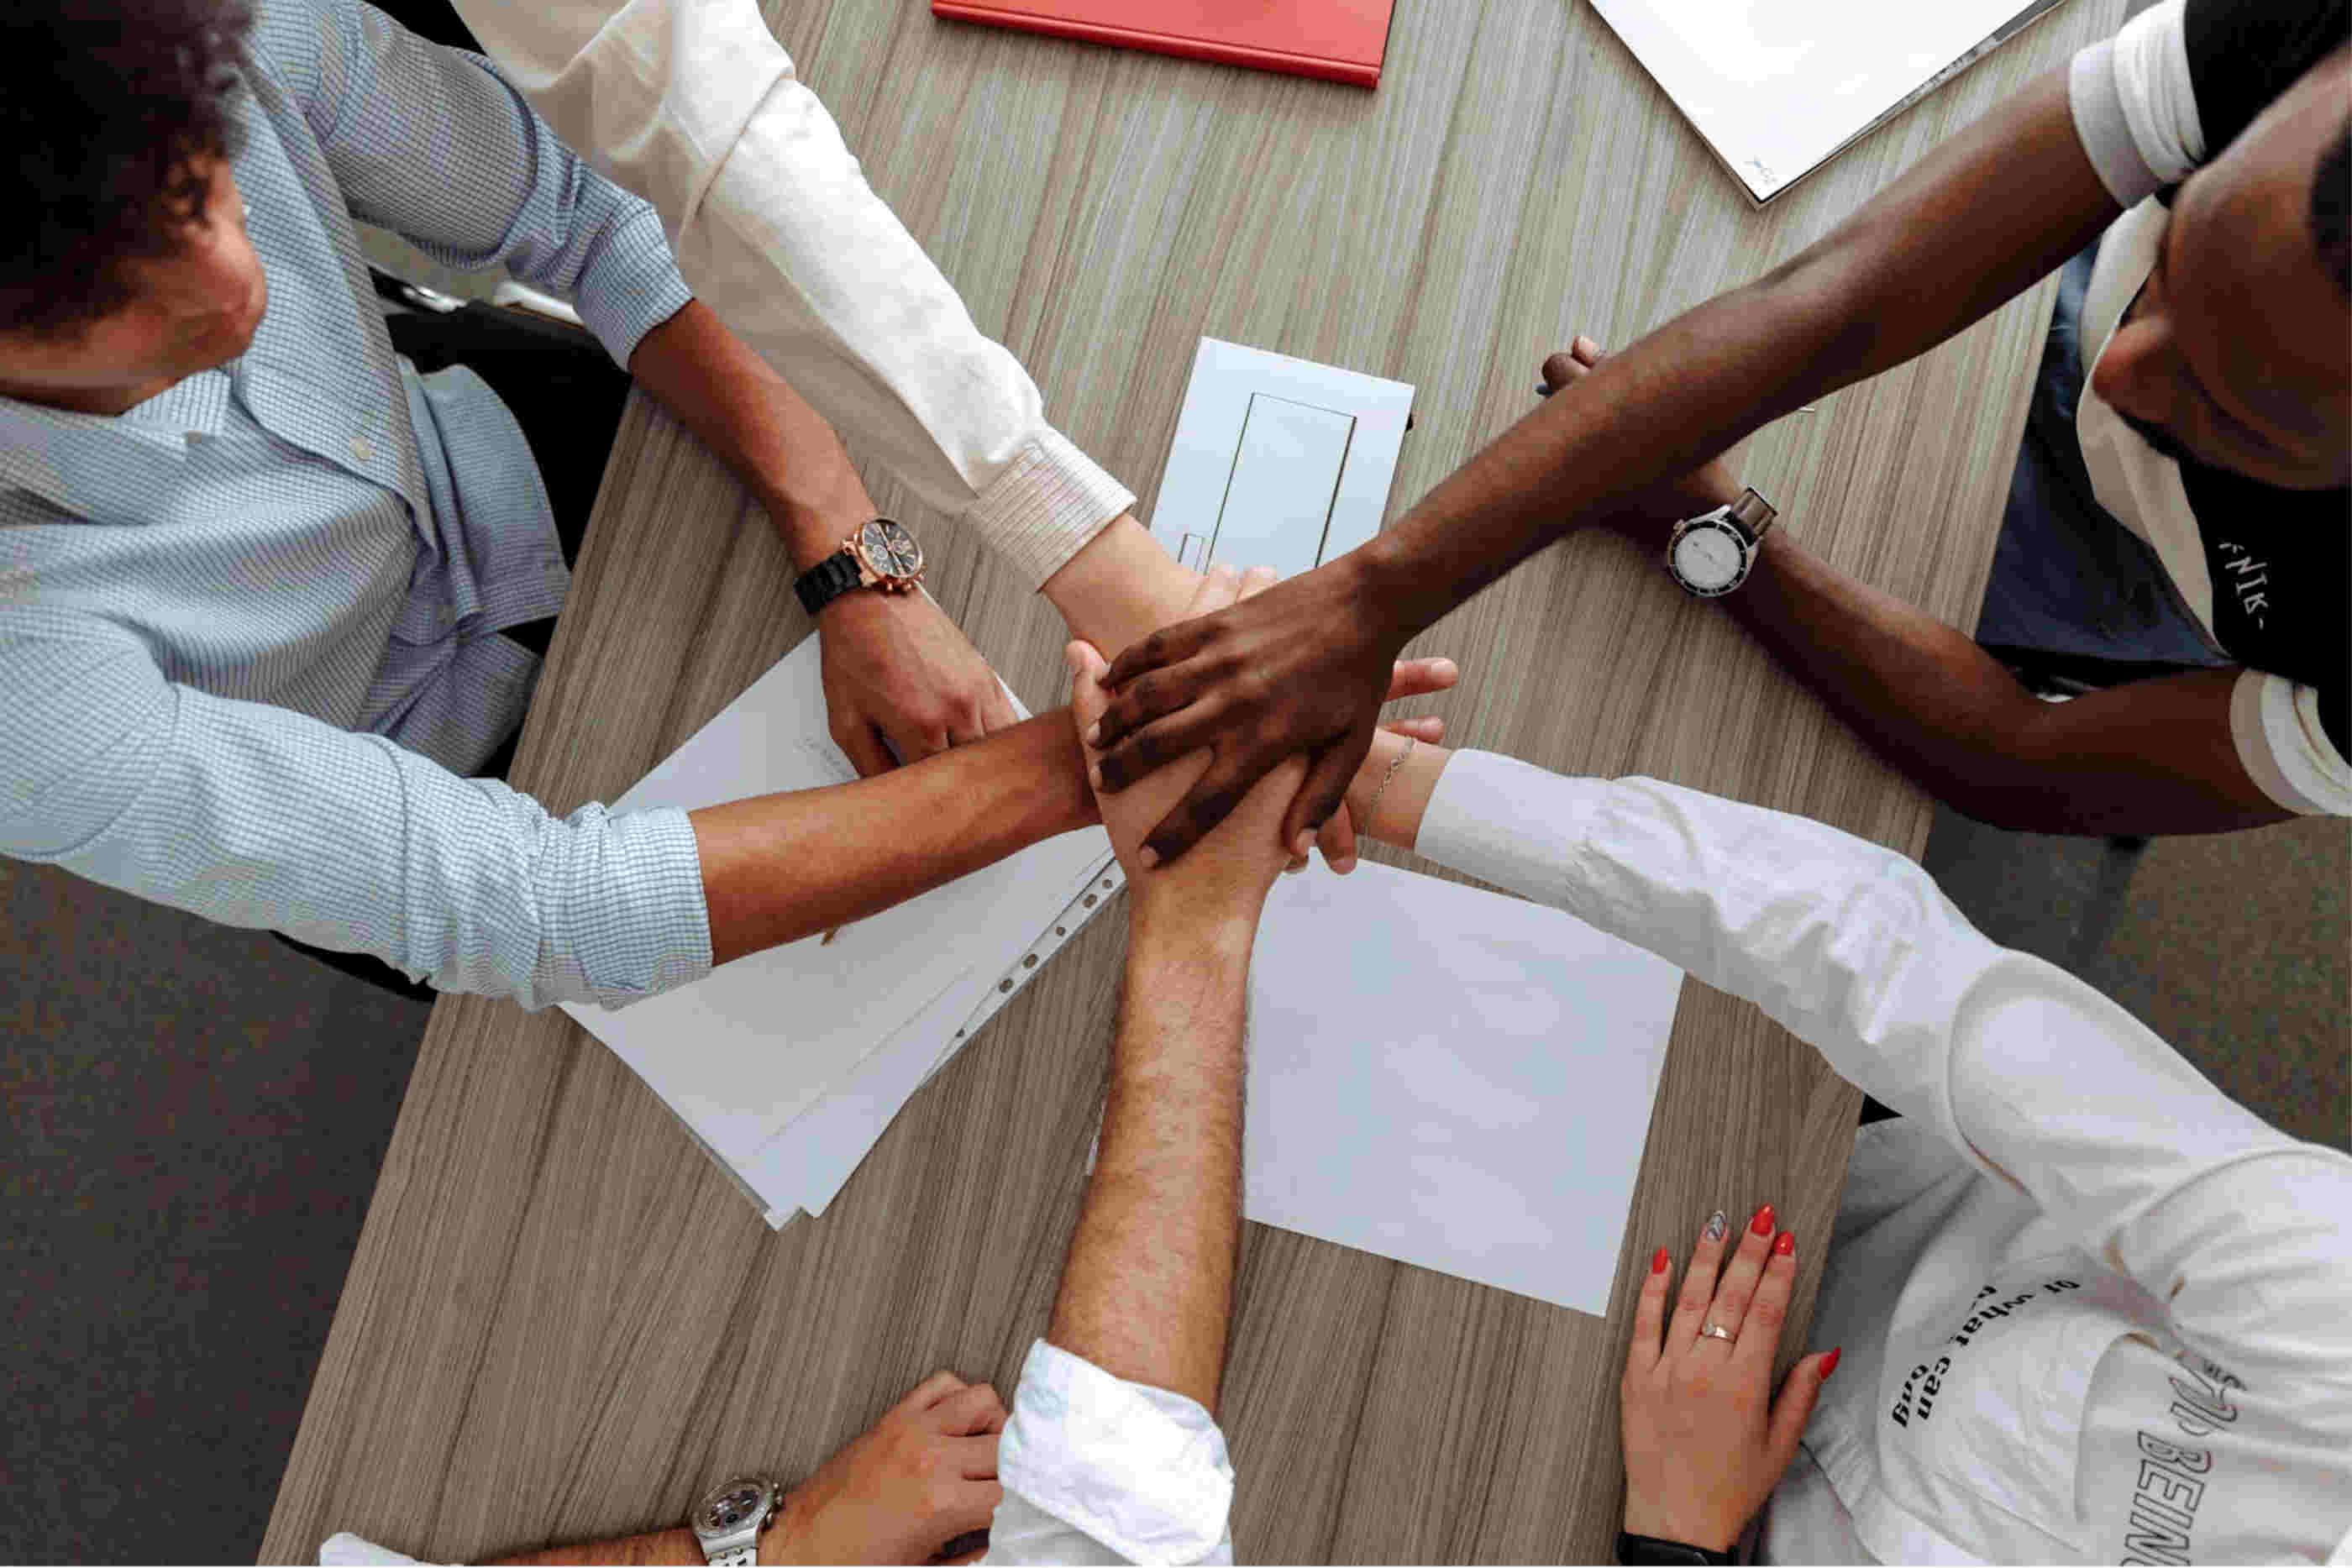 Cinco jovem unem as mãos como símbolo de motivação